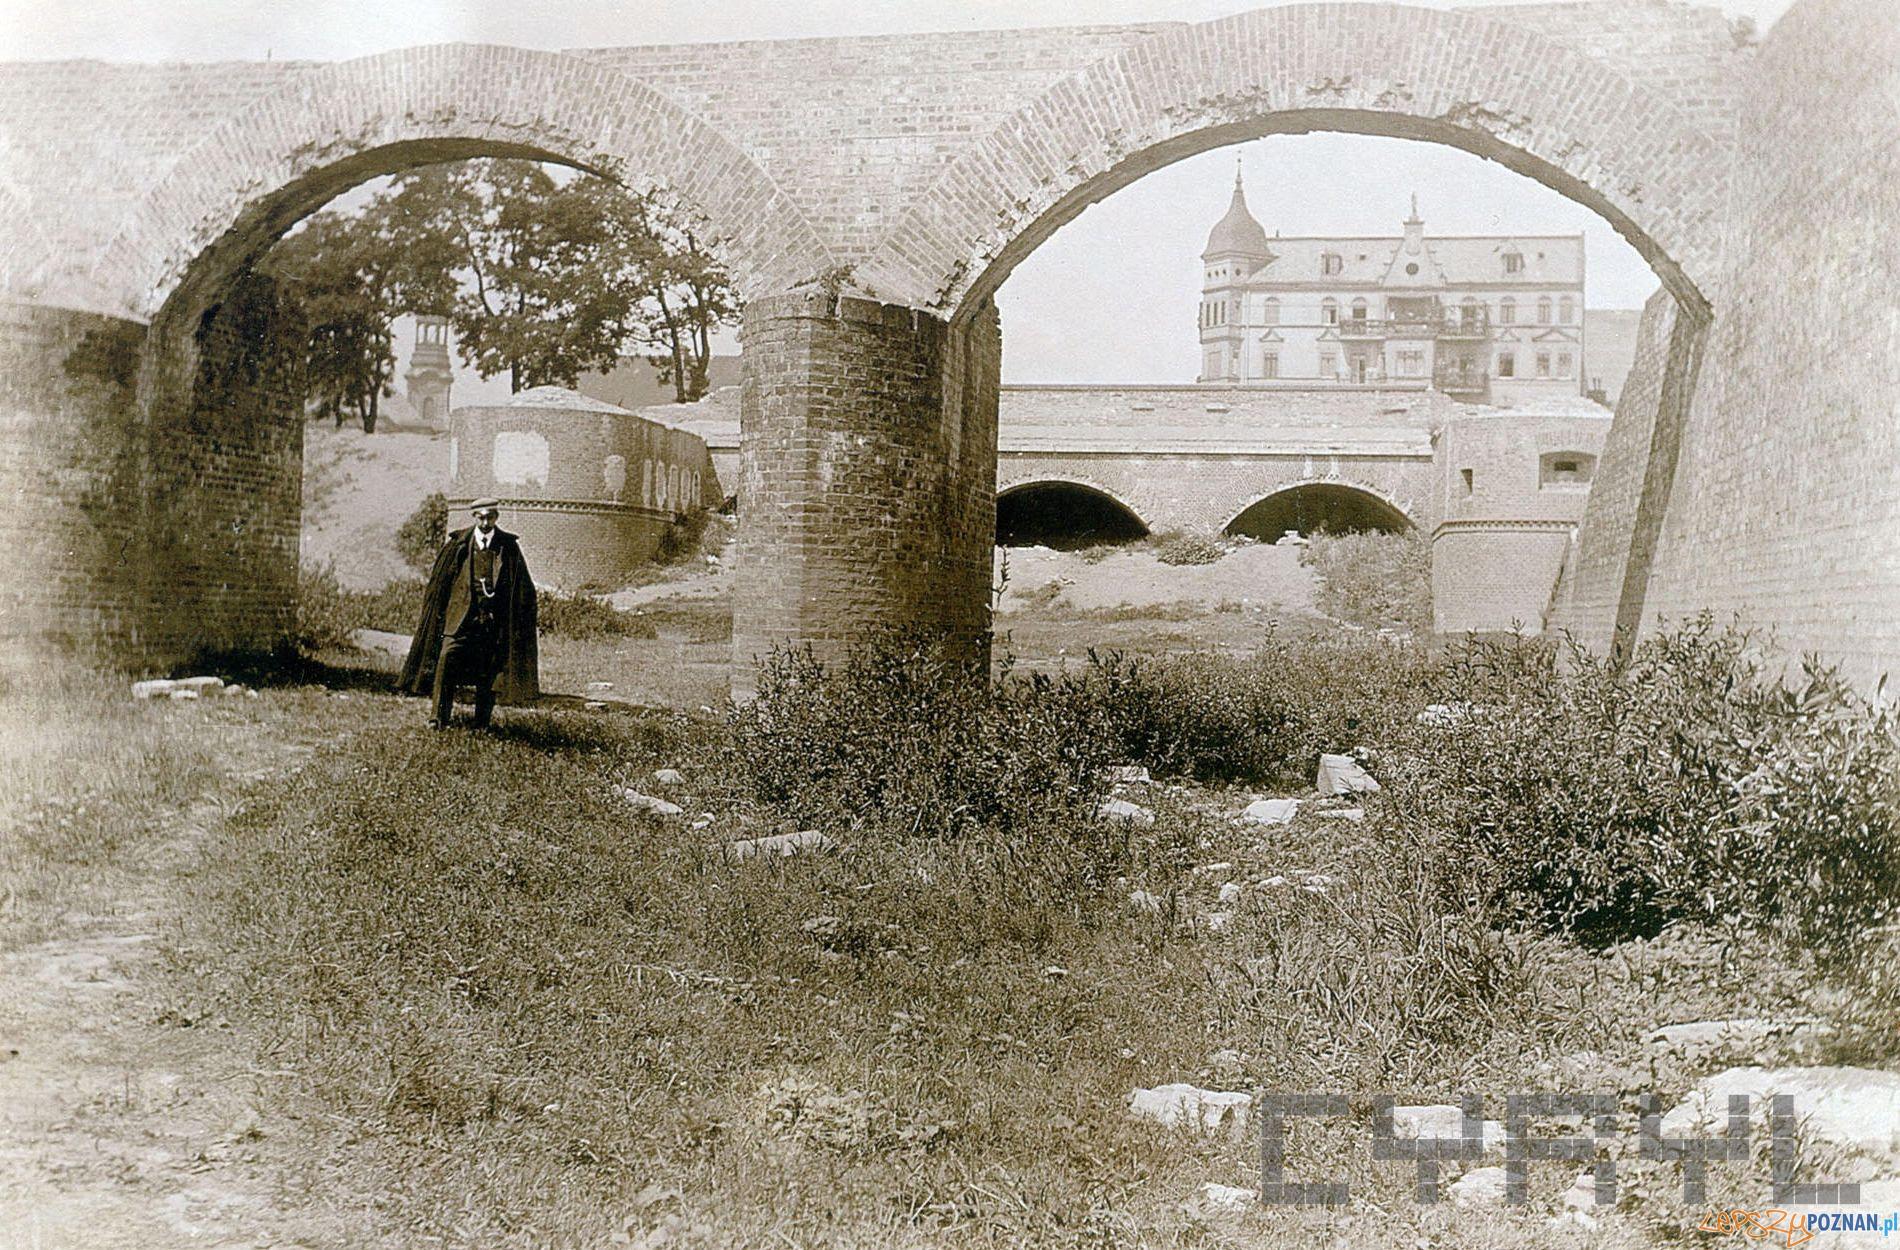 Śluza Grobelna 1911  Foto: Joseph Latzel Ze zb. Brigitte i Everhardta Franßen CK Zamek - Cyryl